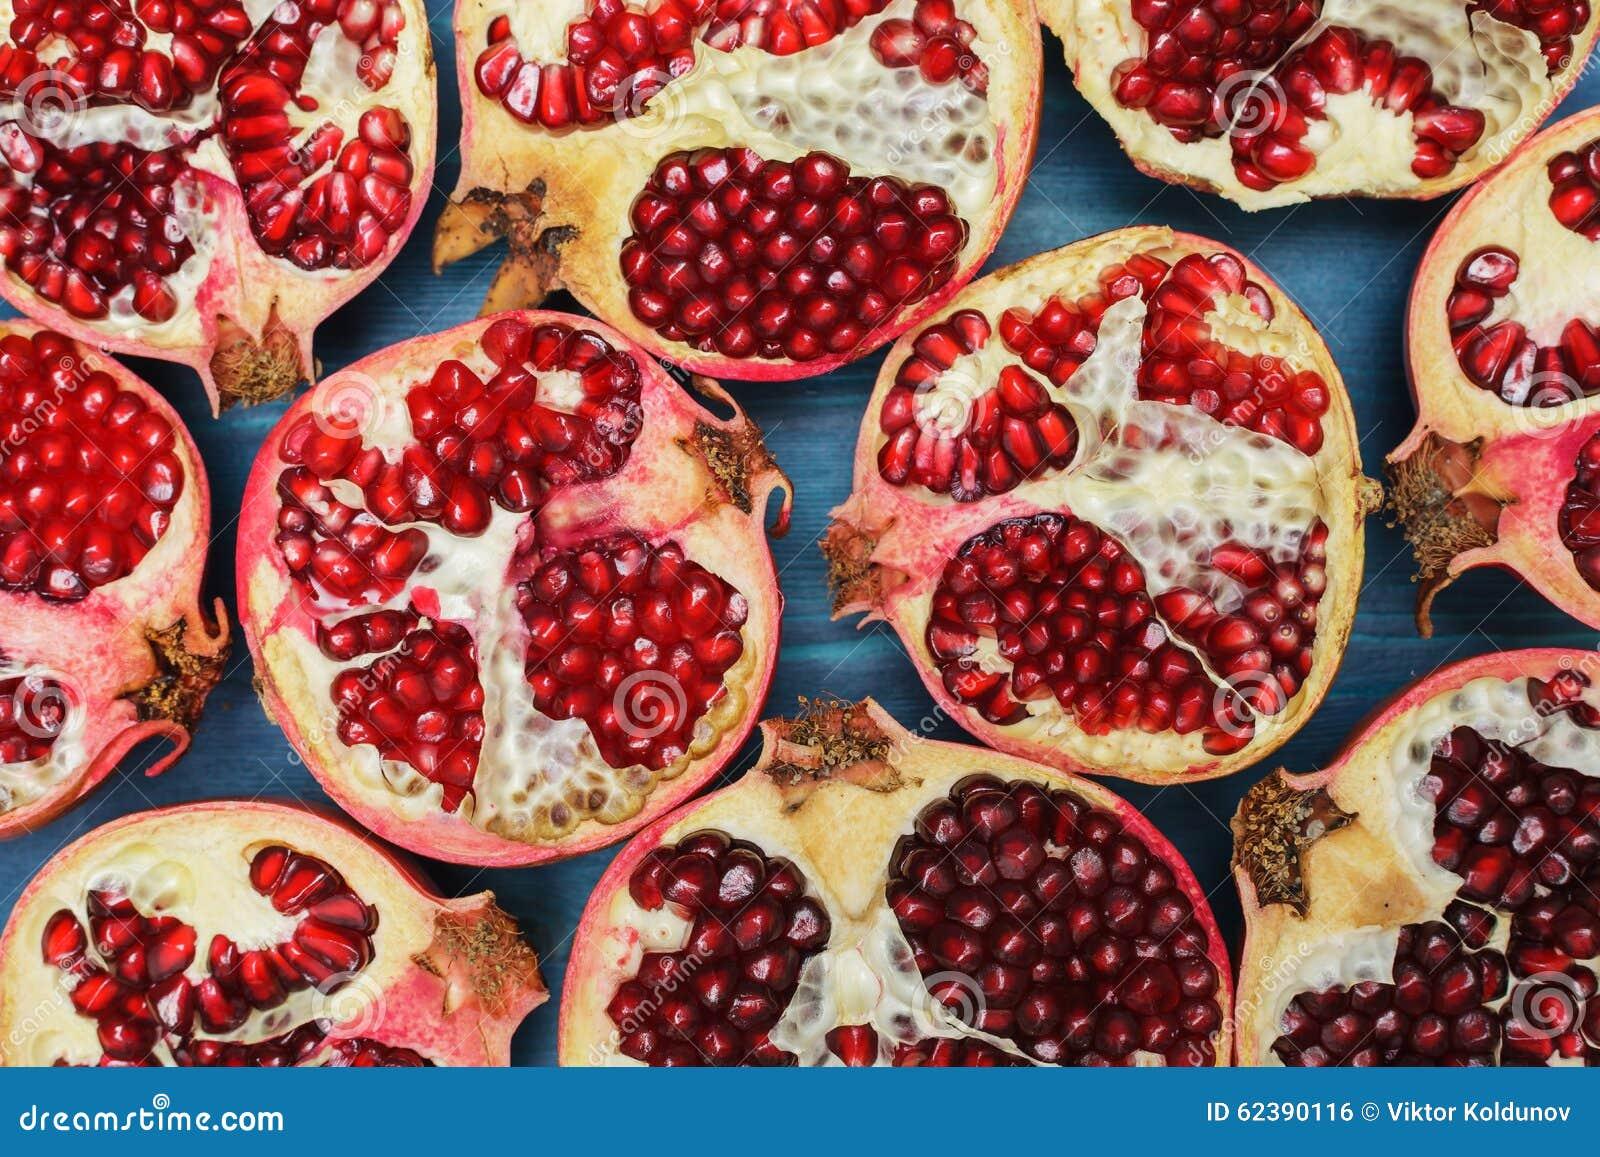 Quellen von Vitaminen und von Antioxydantien im Winter, Lebensmittel für rohes